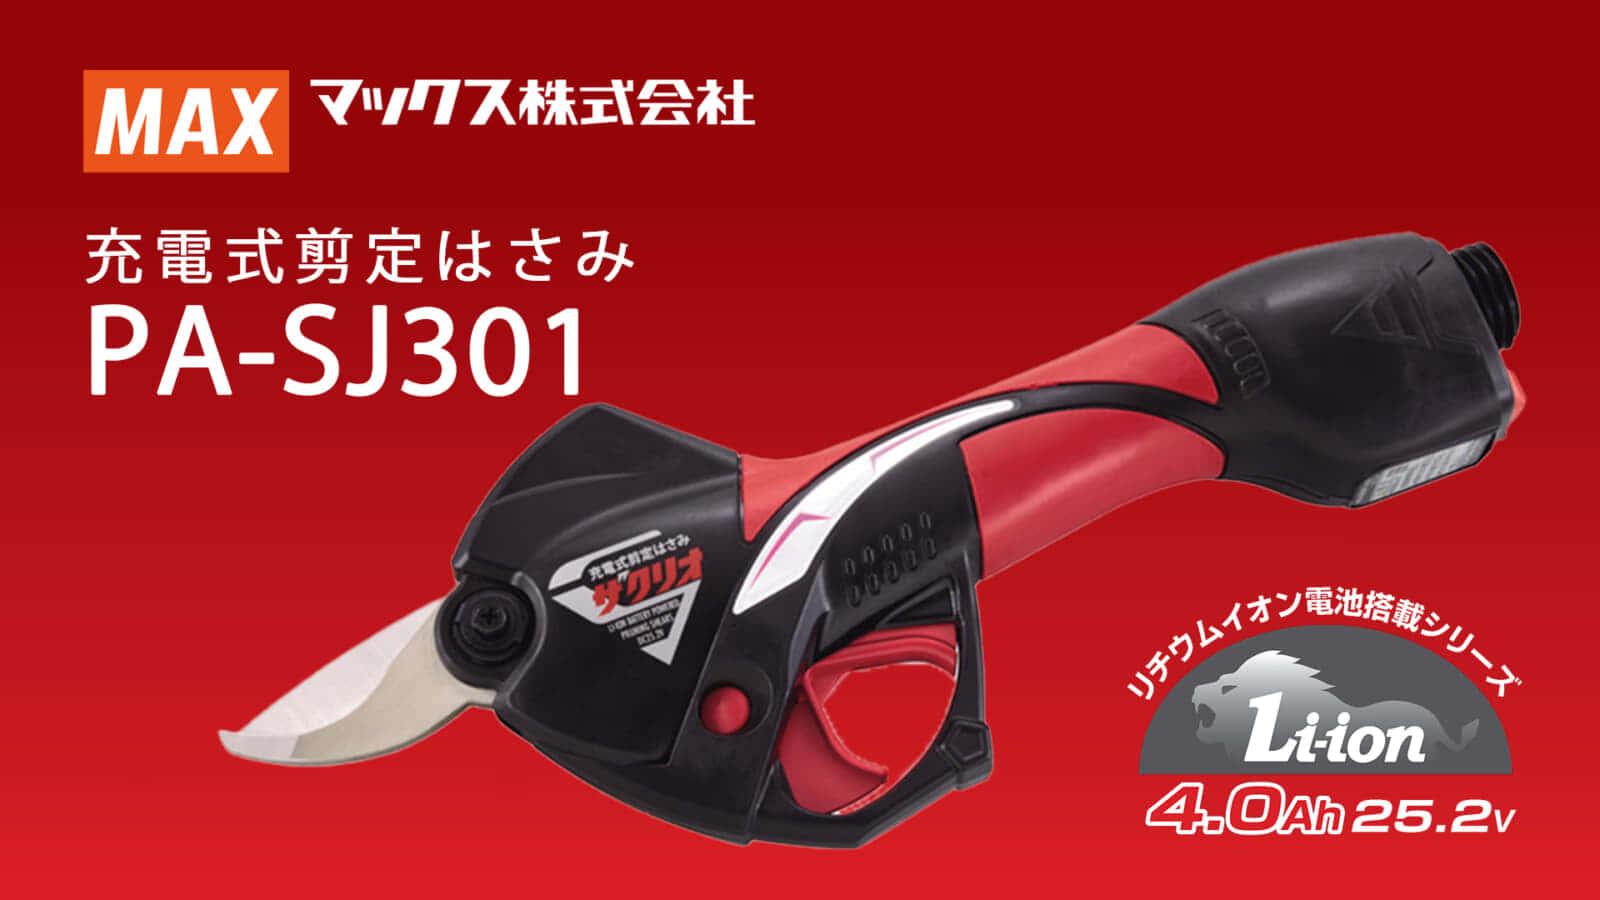 マックス PA-SJ301 充電式剪定はさみ、ザクリオ シリーズ最新モデル